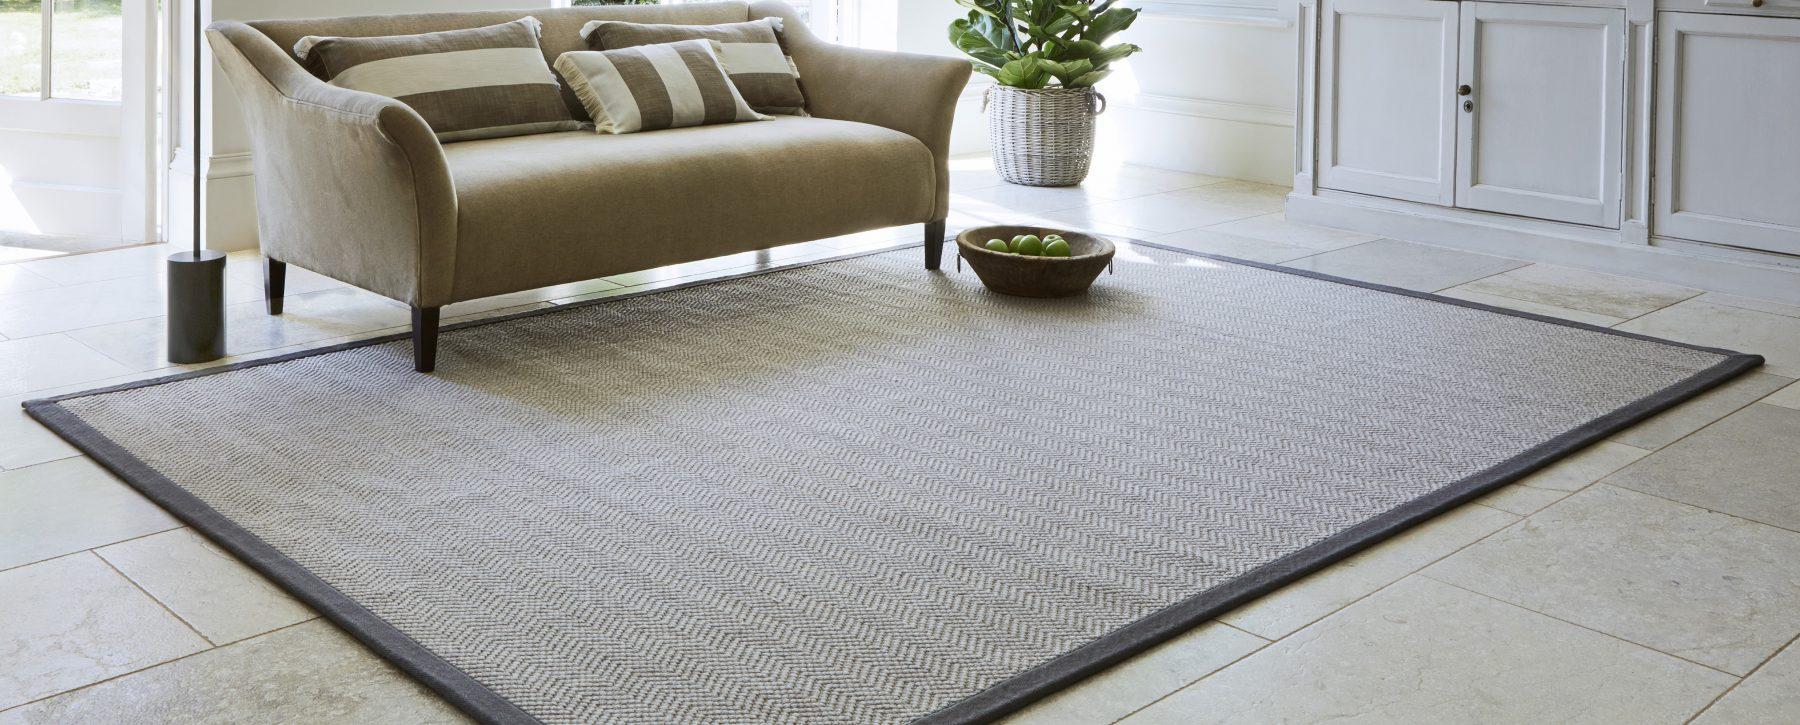 Bespoke Rug Edgings - Jacaranda Carpets